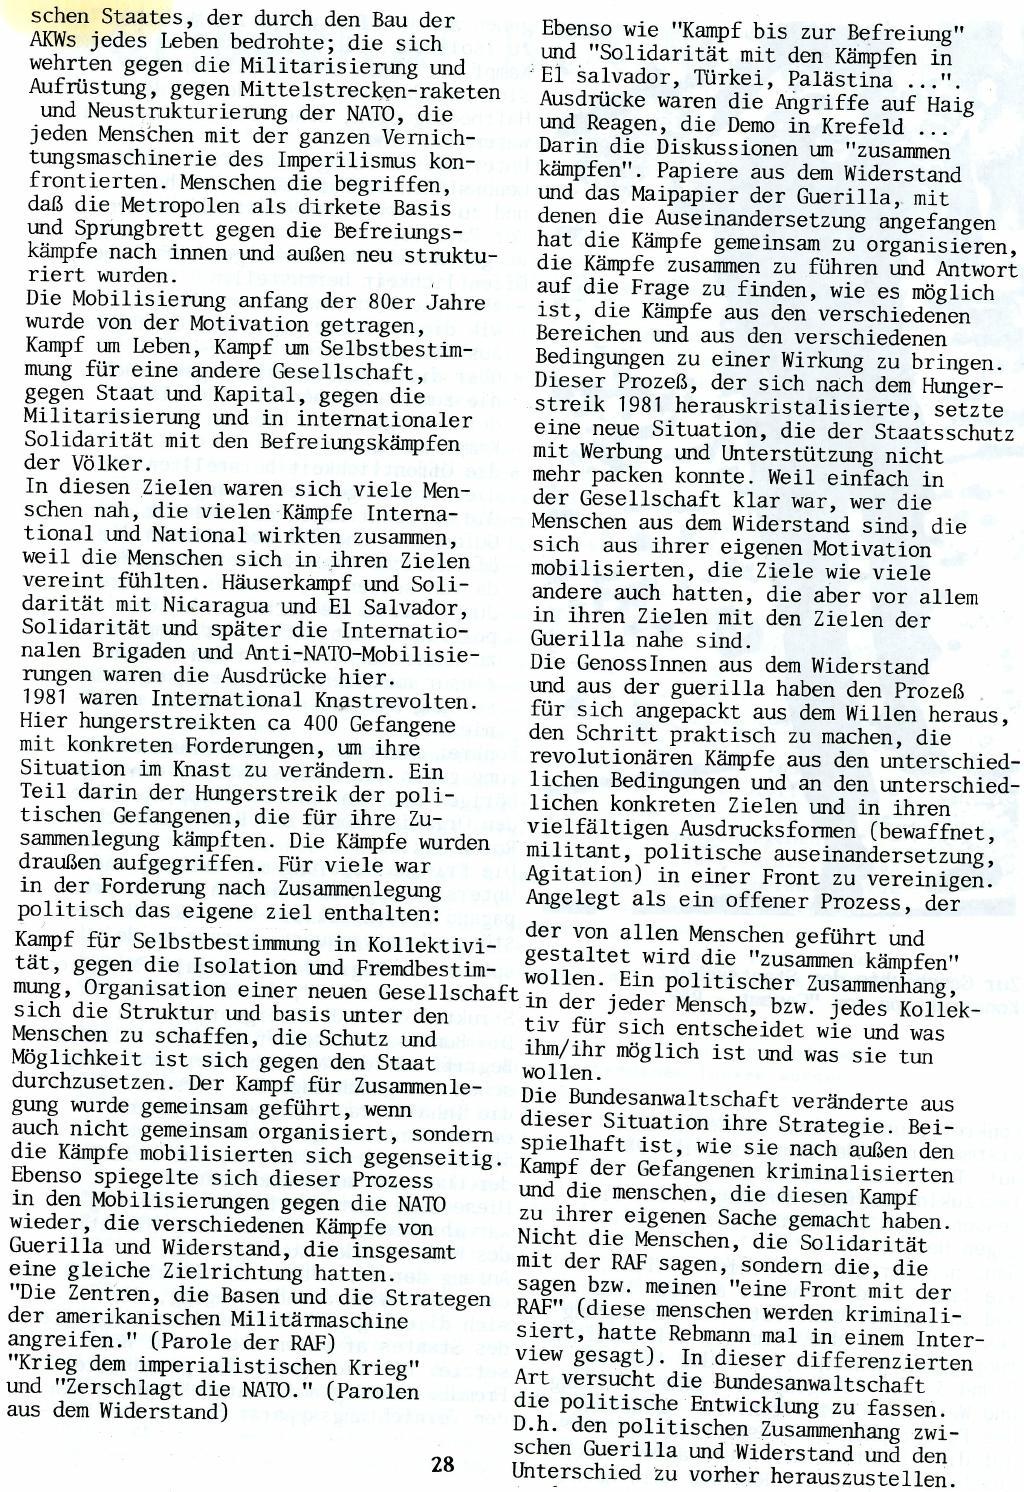 Duesseldorf_1989_Sechs_Politische_Gefangene_028